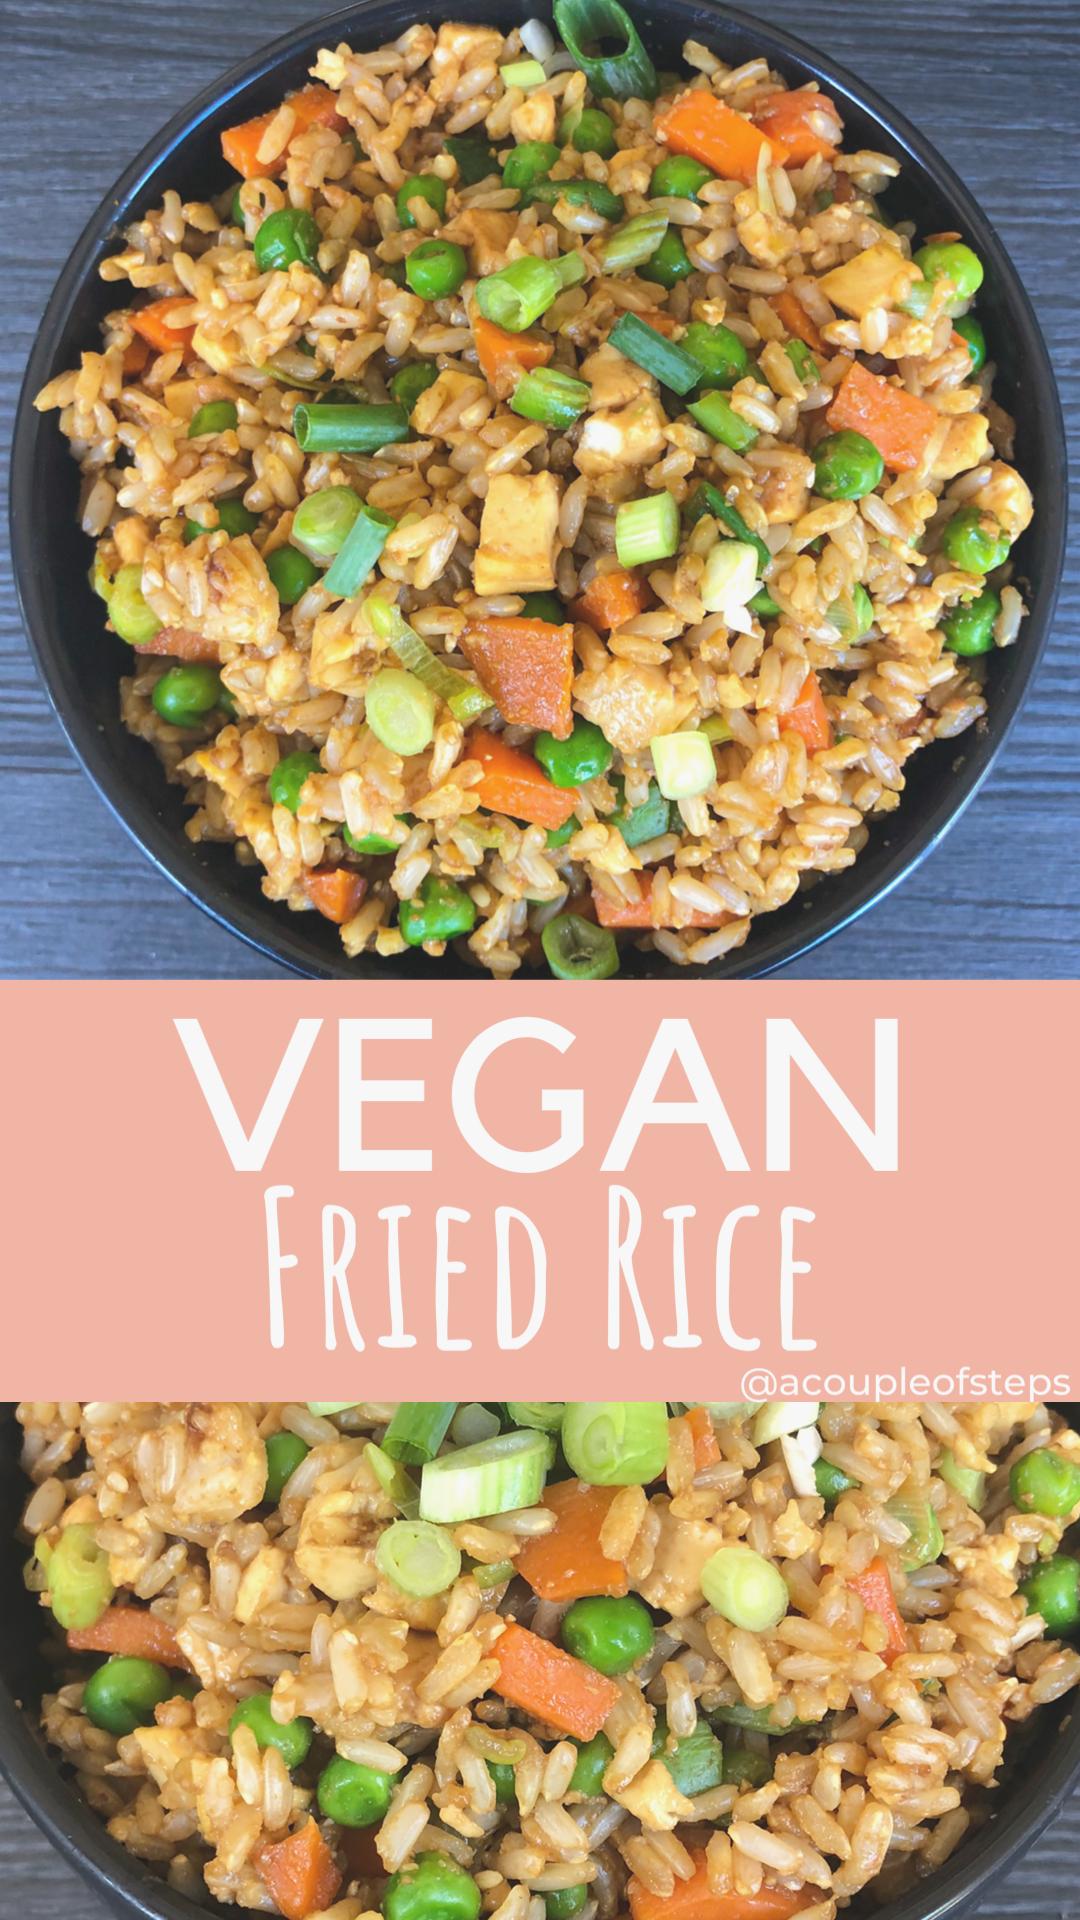 Gesundes veganes Rezept für gebratenen Reis   ein paar Schritte #abendessen #fitness #fitnessabendes...